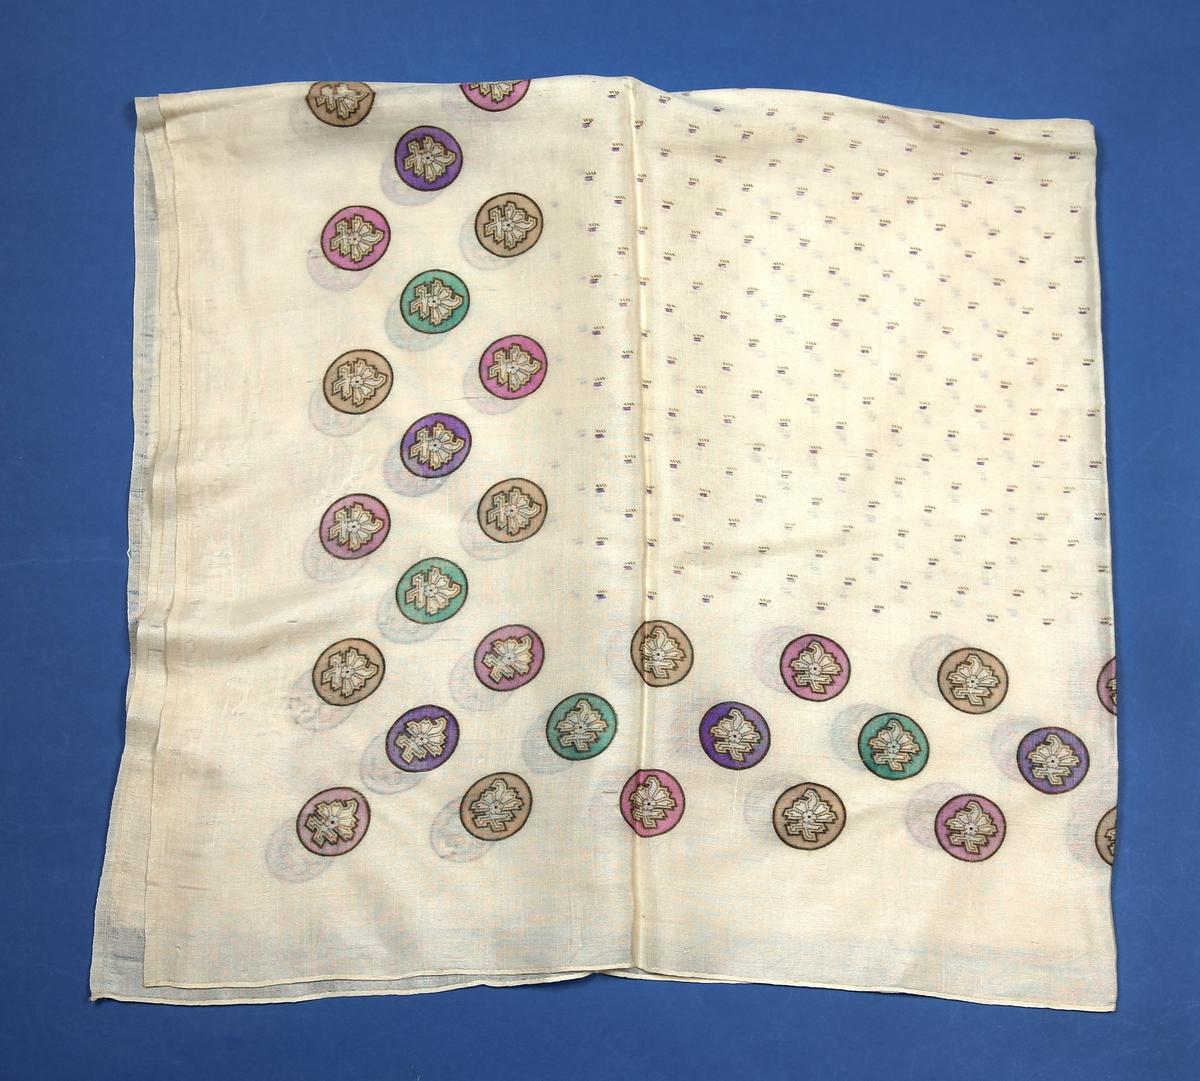 Hvitt silkesjal med trykk i farger - runde tegninger og småmønstret midtfelt.